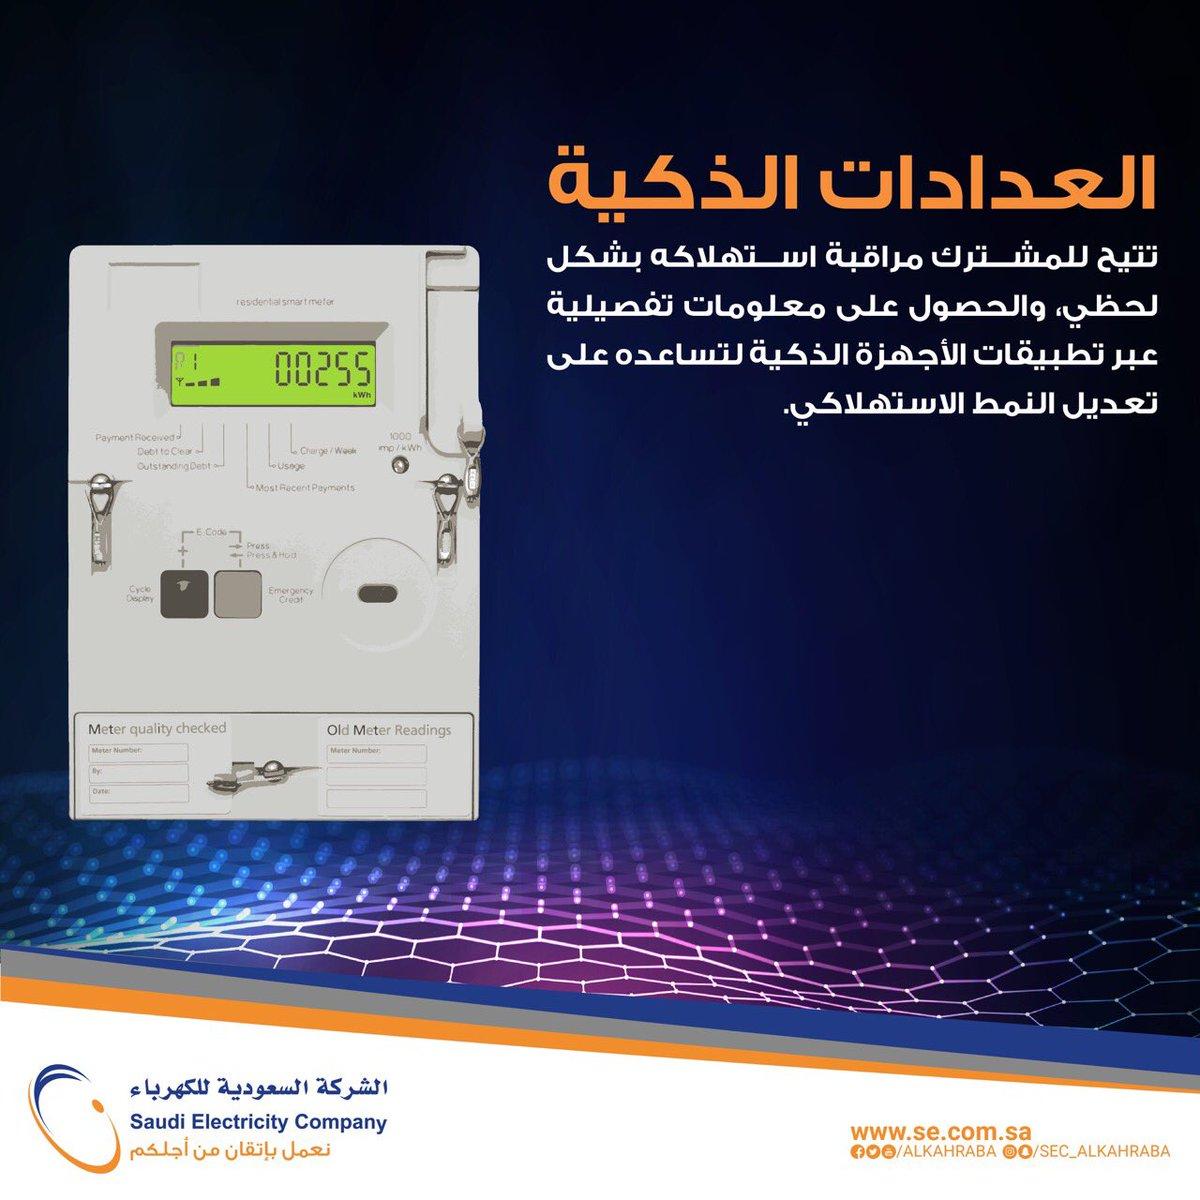 يقطع قشرة غير مهذب عداد الكهرباء الجديد في السعودية Comertinsaat Com